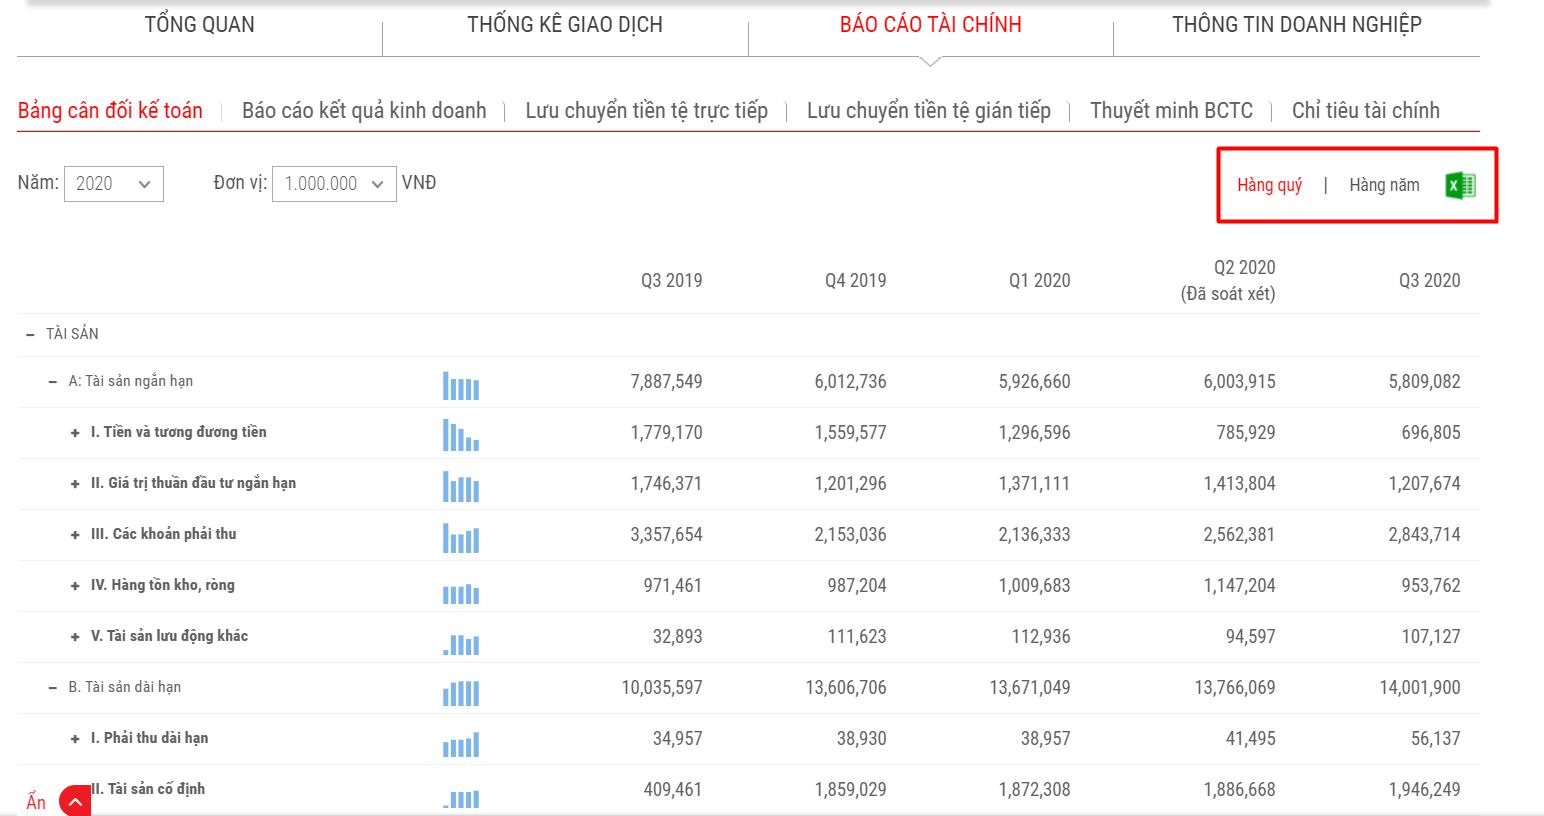 Dữ liệu báo cáo tài chính REE